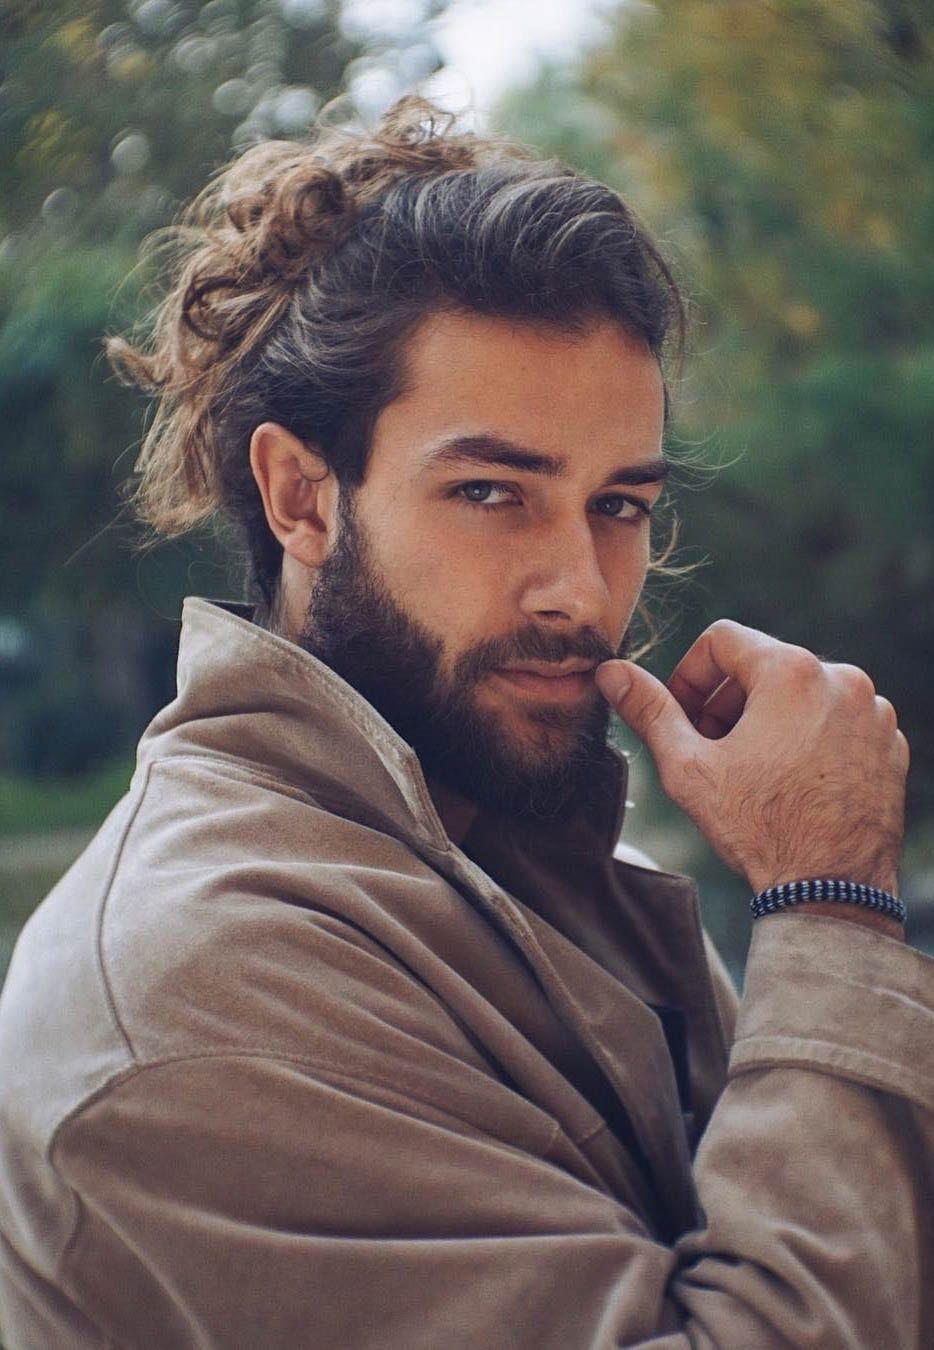 7 Types Of Man Bun Hairstyles Man Bun Hairstyles Long Hair